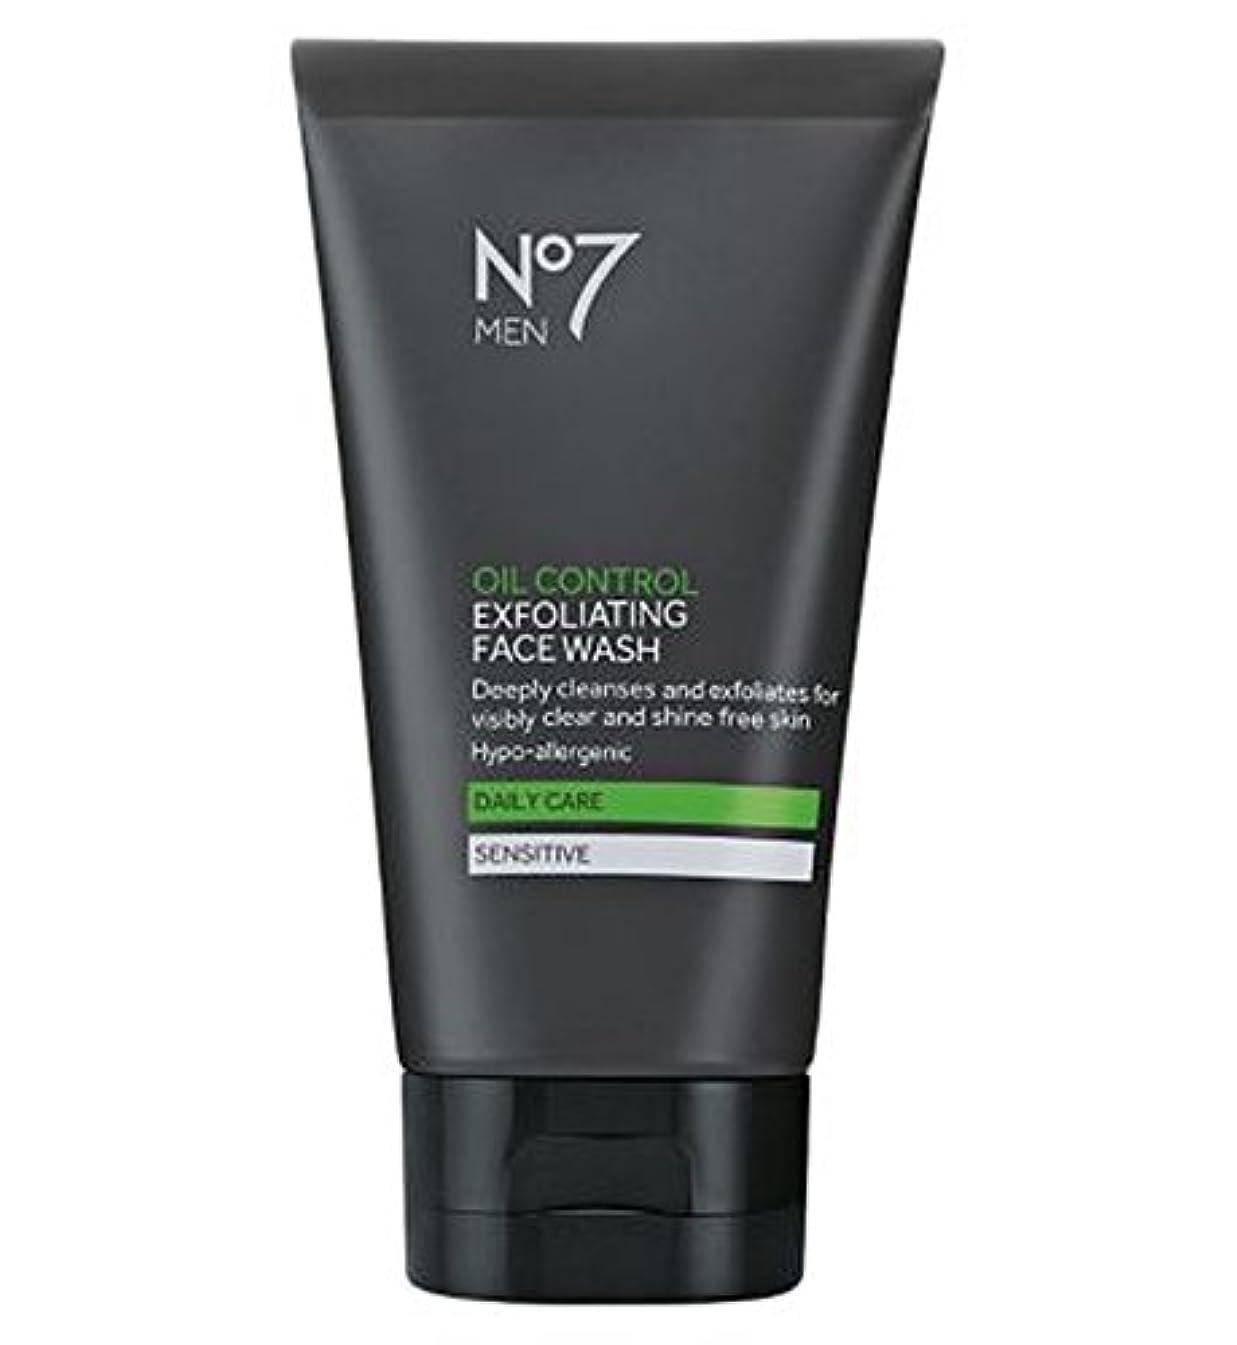 ブレーキ愛国的な送料No7 Men Oil Control Face Wash 150ml - No7男性オイルコントロールフェイスウォッシュ150ミリリットル (No7) [並行輸入品]